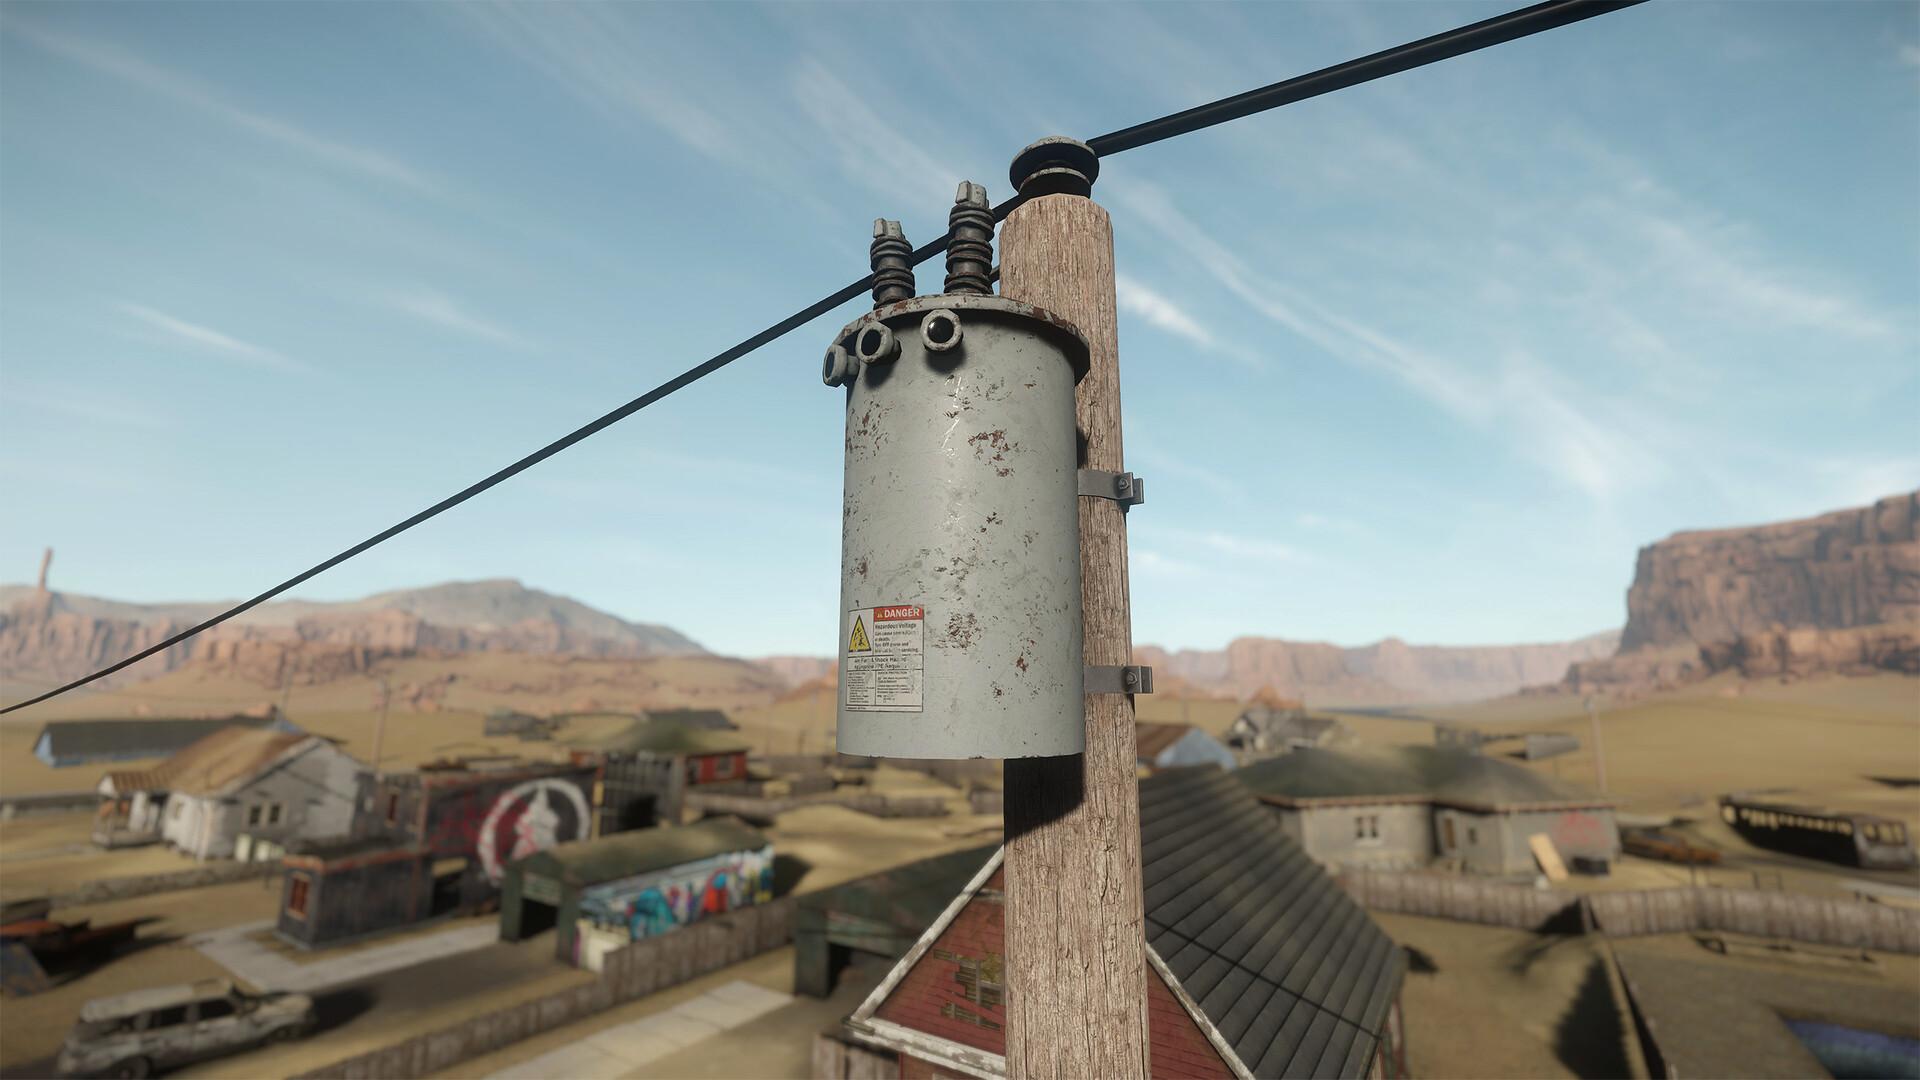 Carl kent utility pole 1